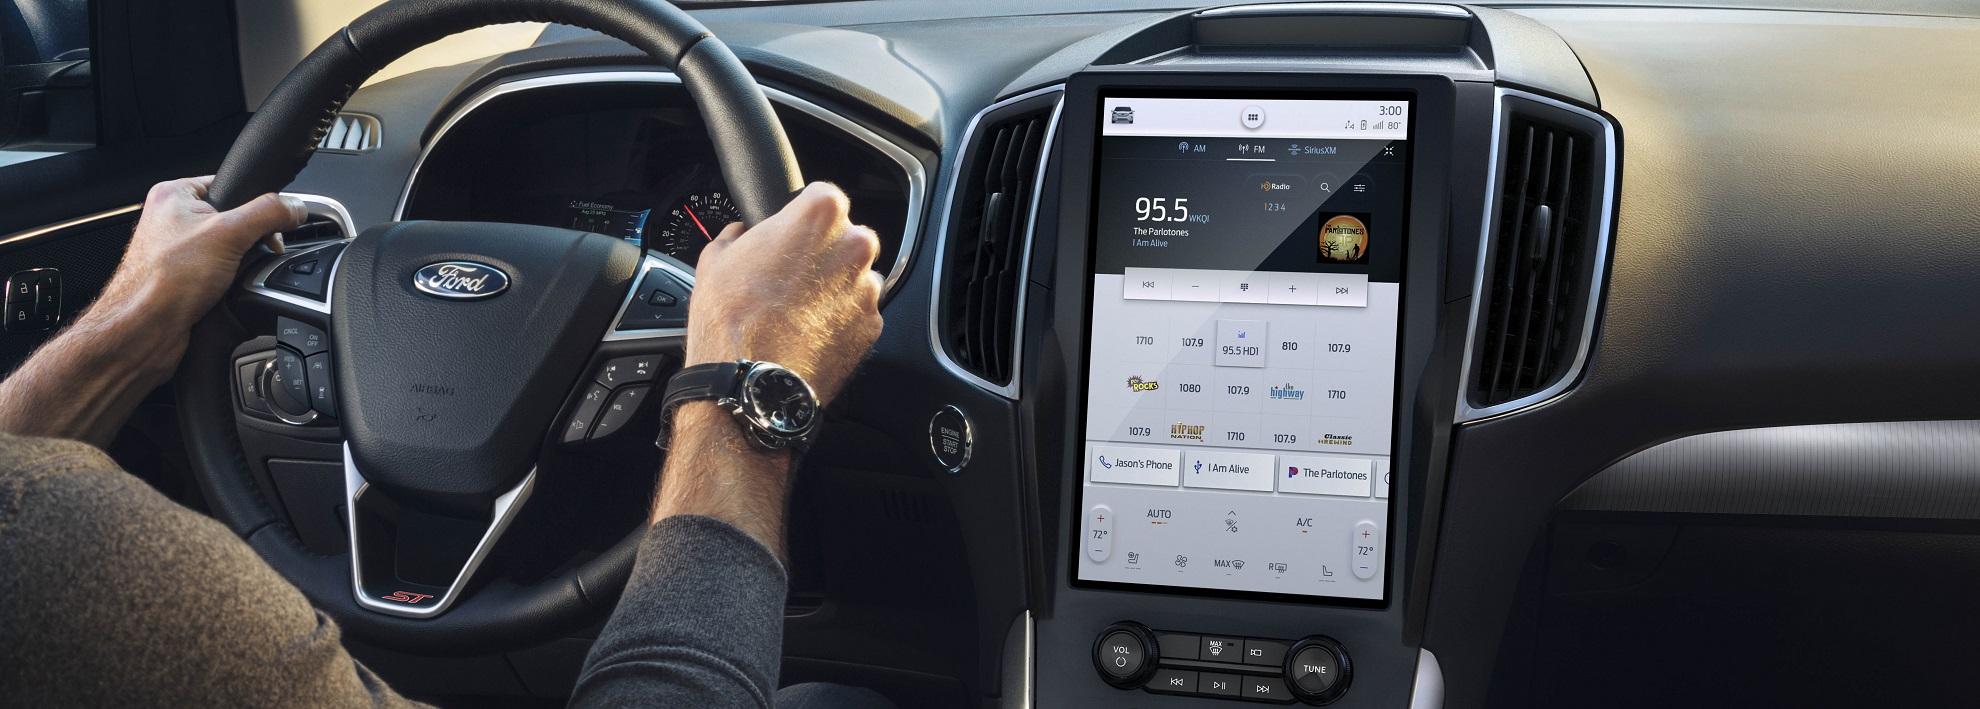 Se a Ford não consegue mais aumentar a tela do Edge, que tal ampliar a presença do Android no veículo?